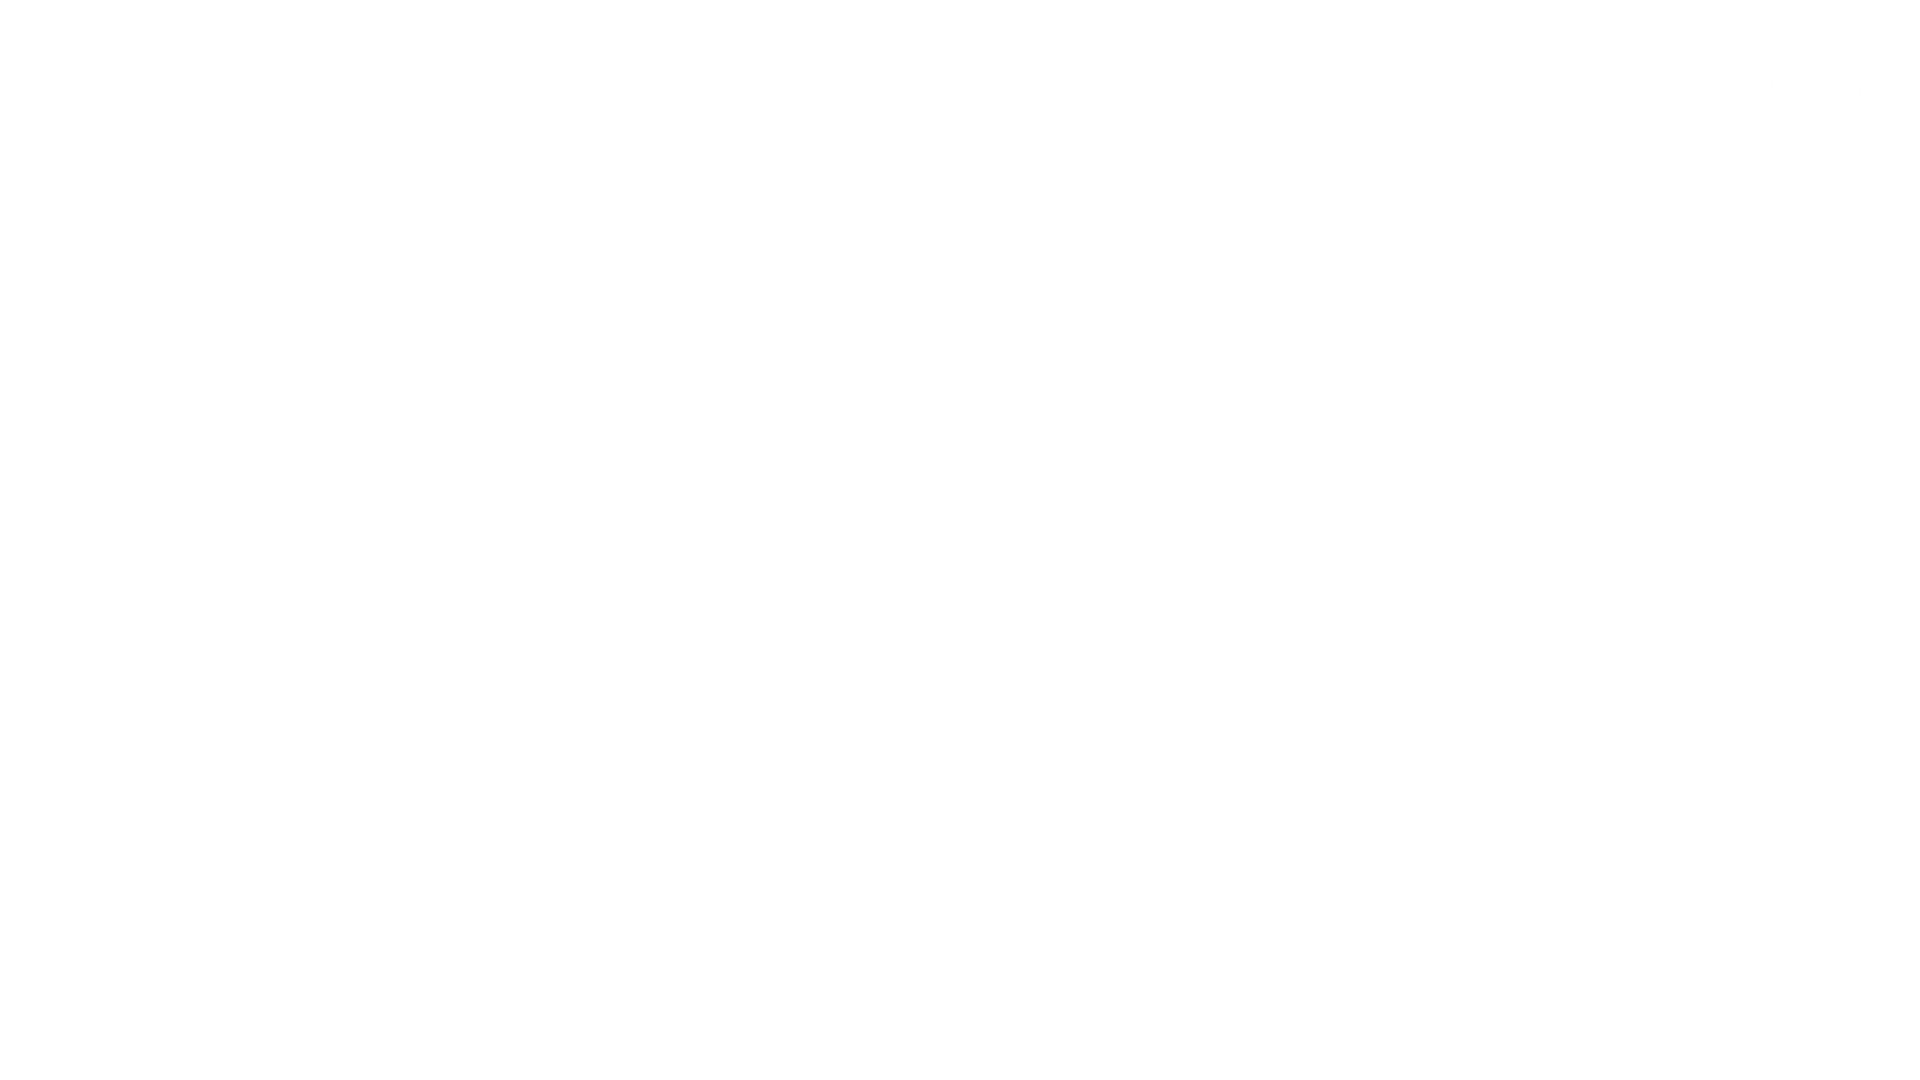 至高下半身盗撮-PREMIUM-【院内病棟編 】 vol.01 盗撮  73枚 66